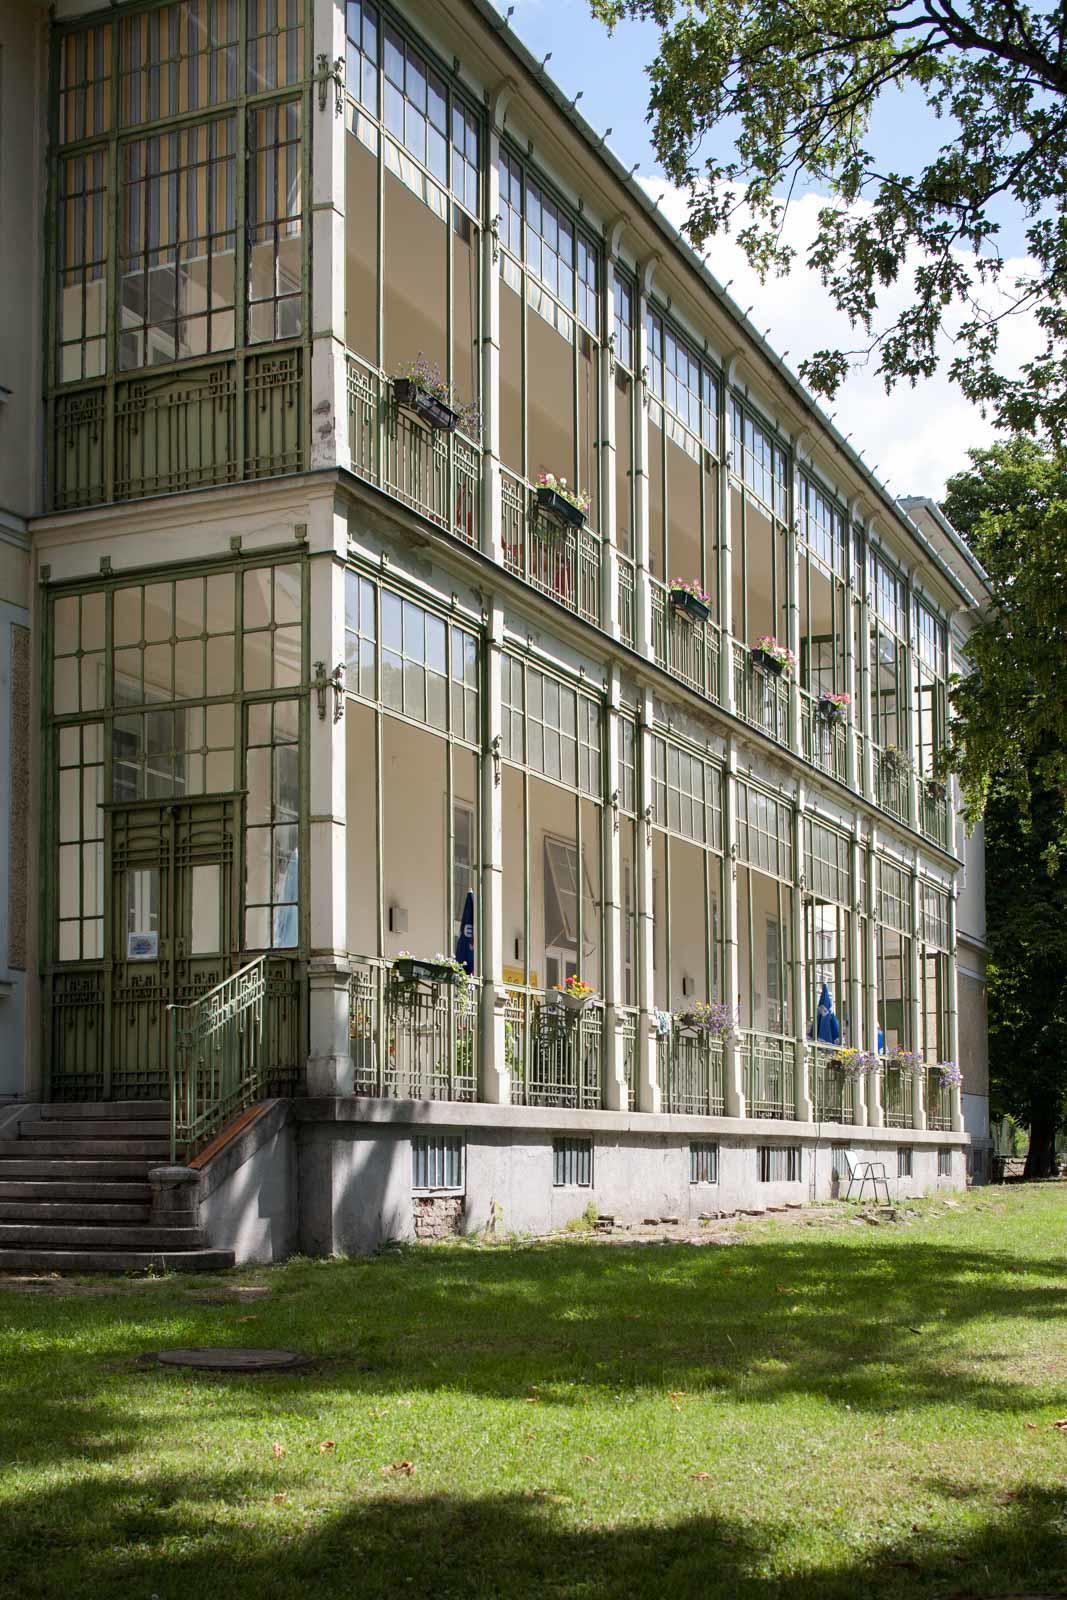 Steinhof